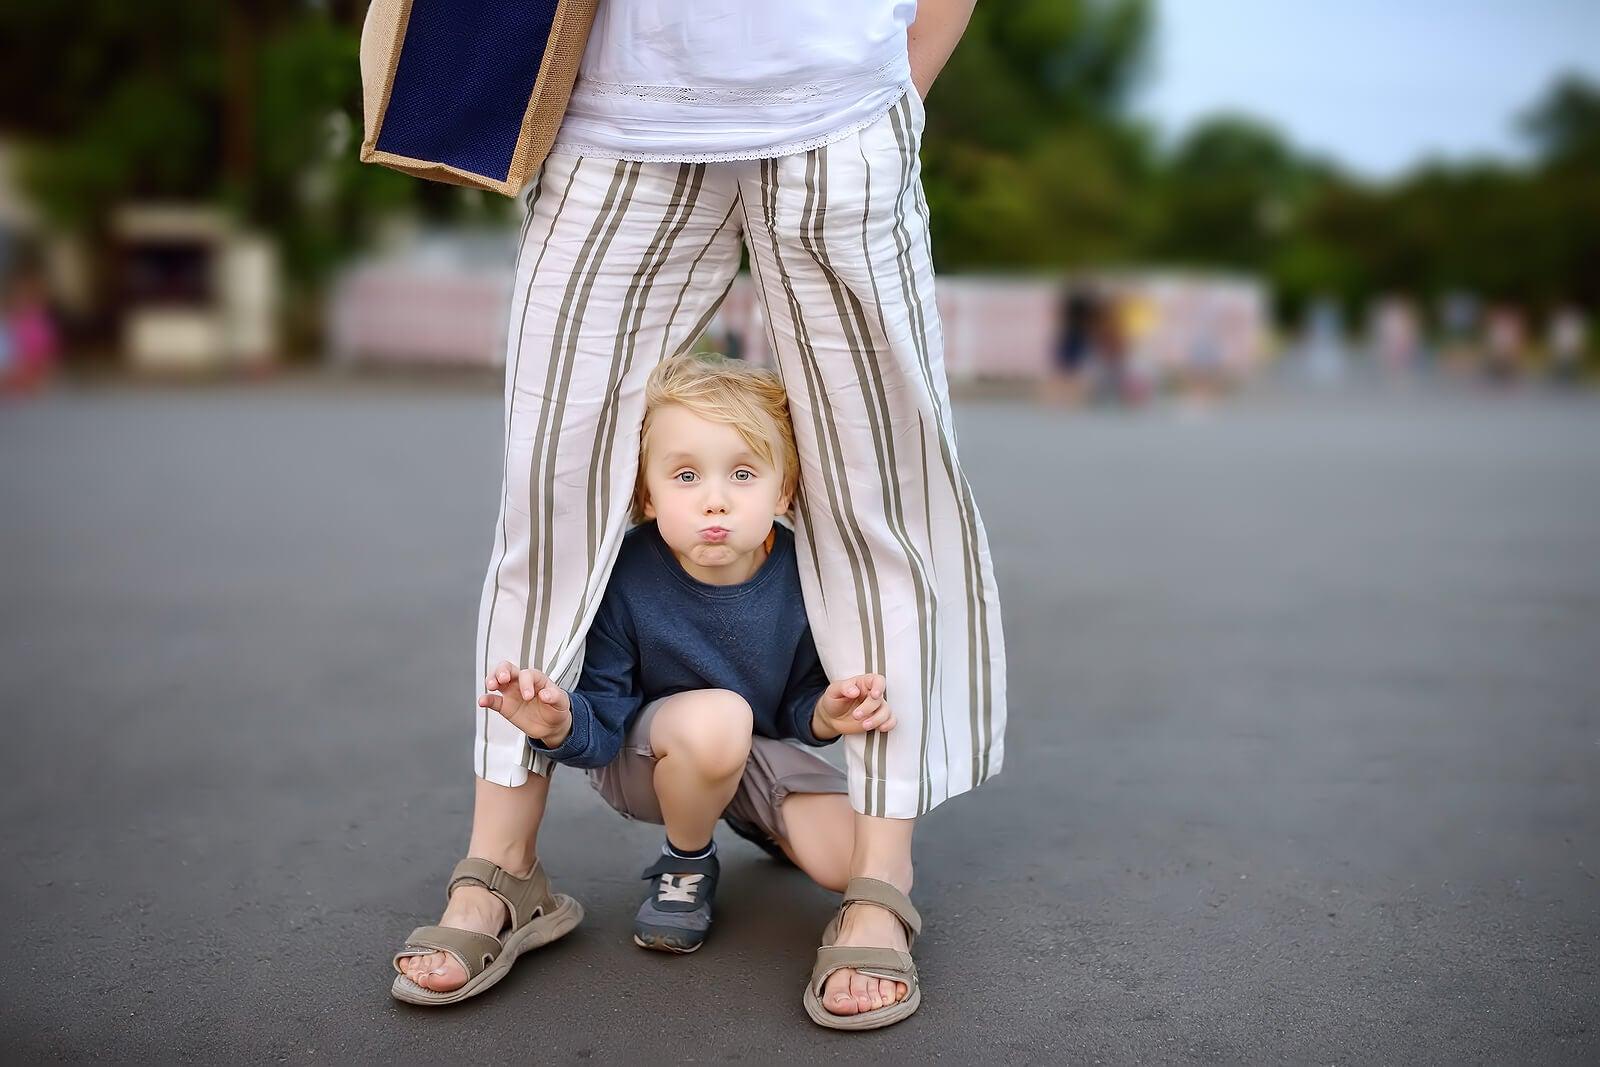 Niño jugando entre las piernas de su madre aplicando la obediencia según Montessori.